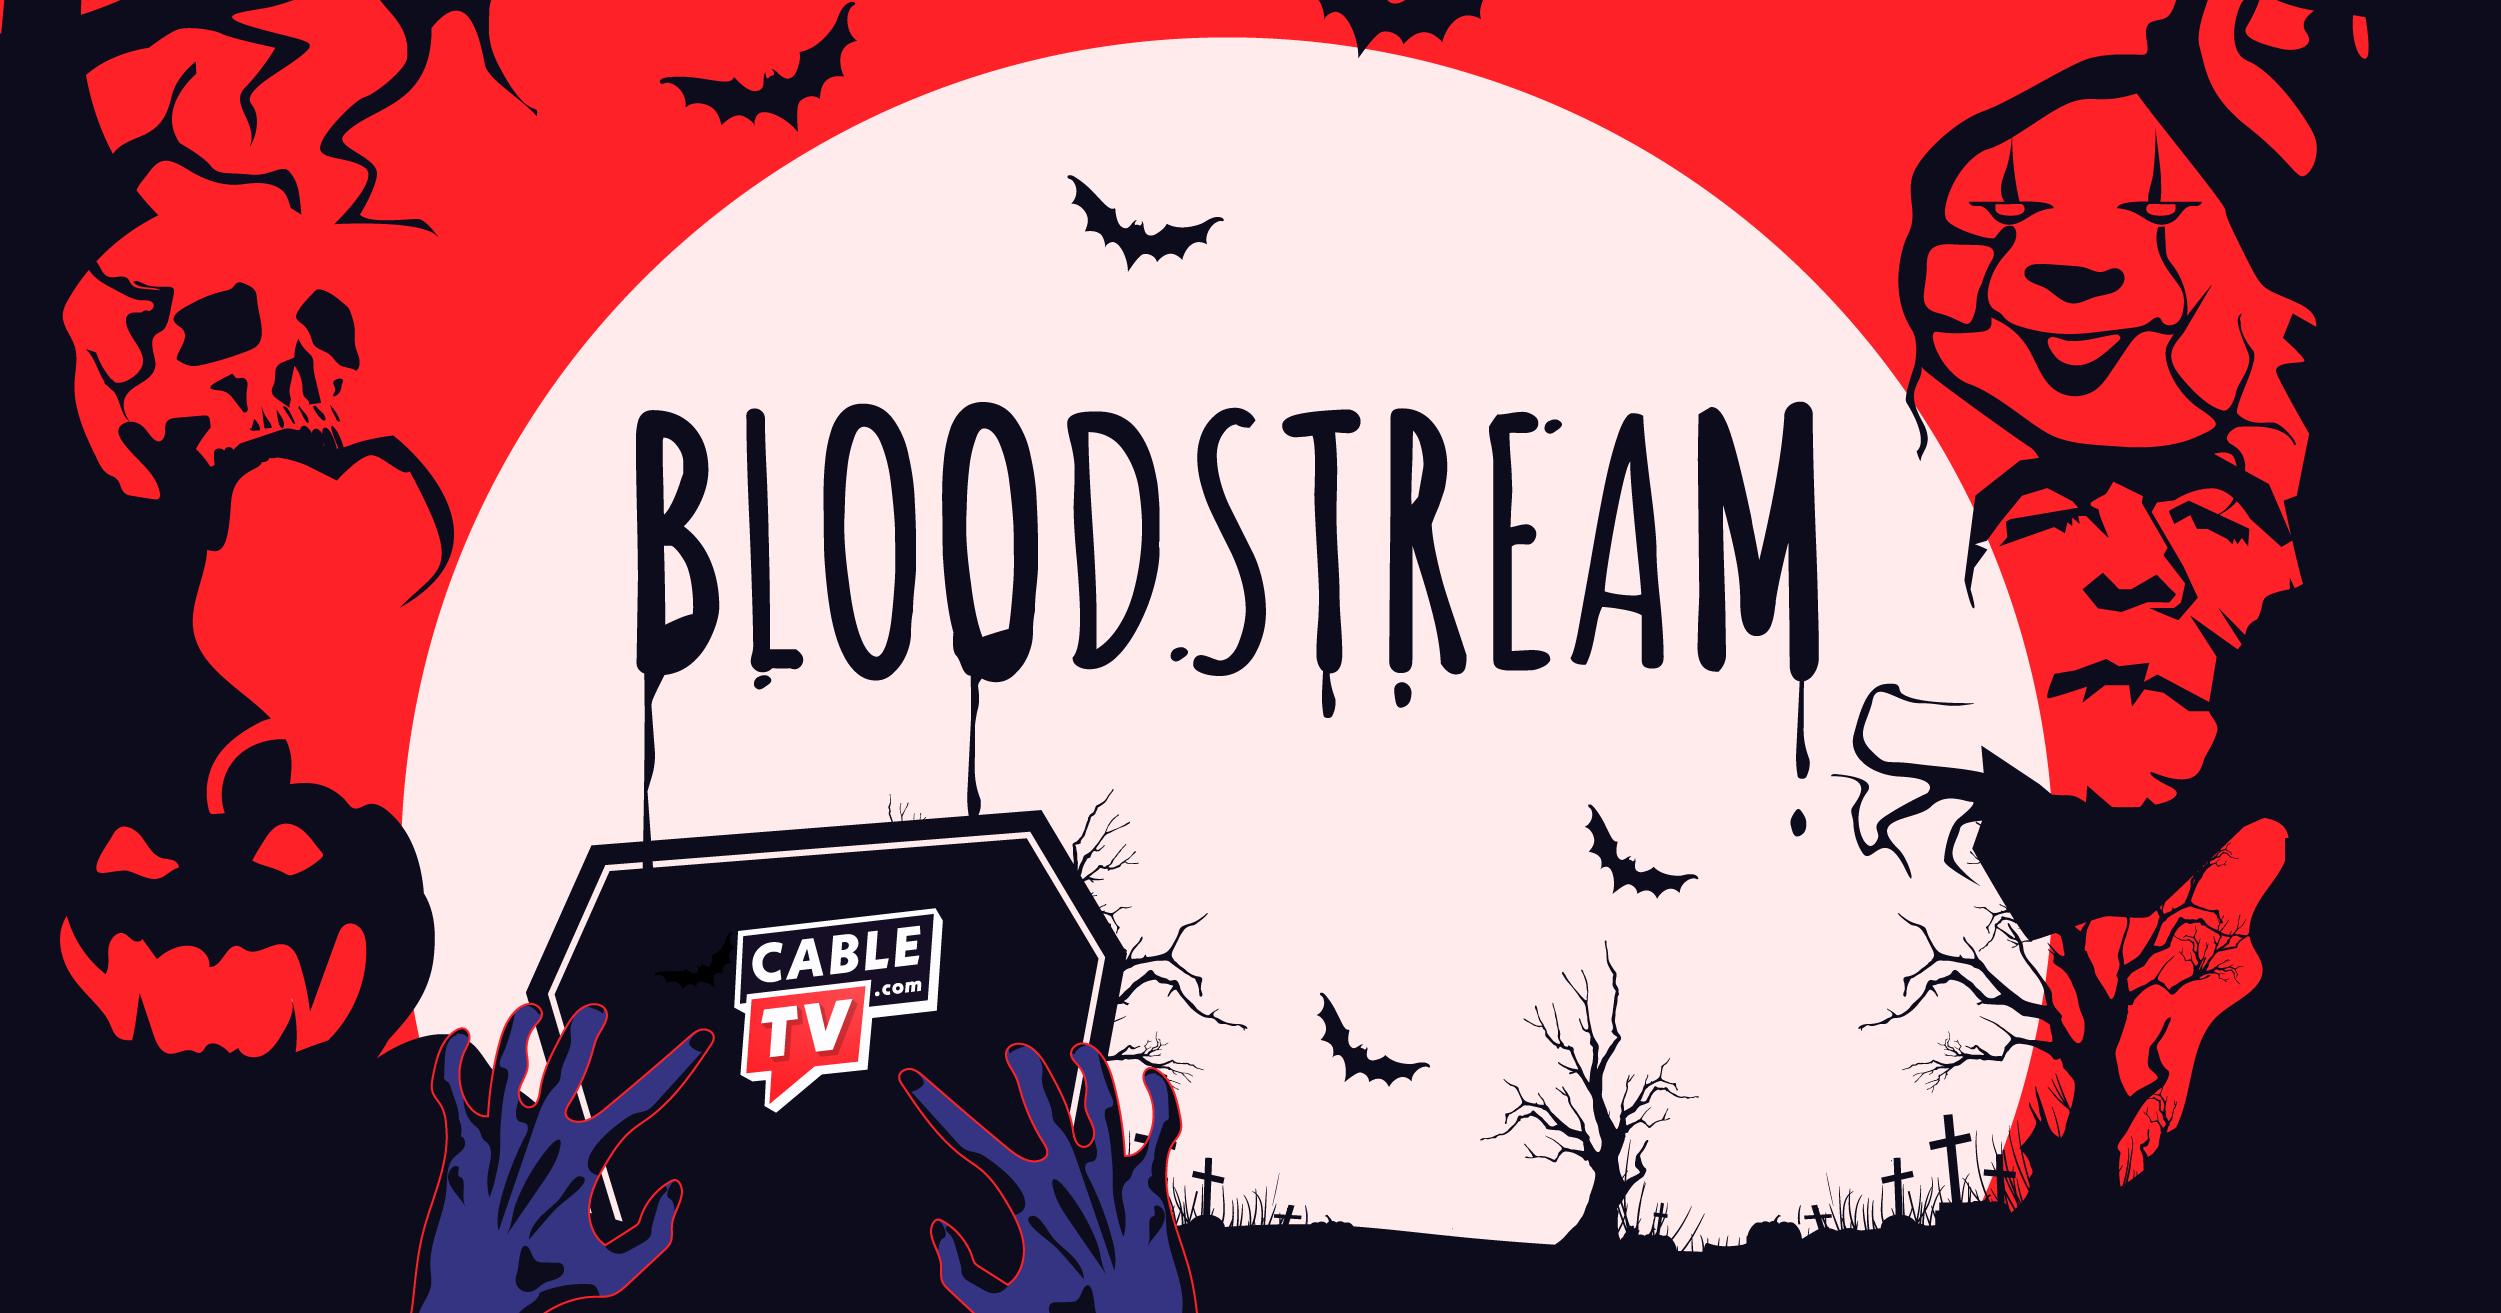 cabletv.com-bloodstream